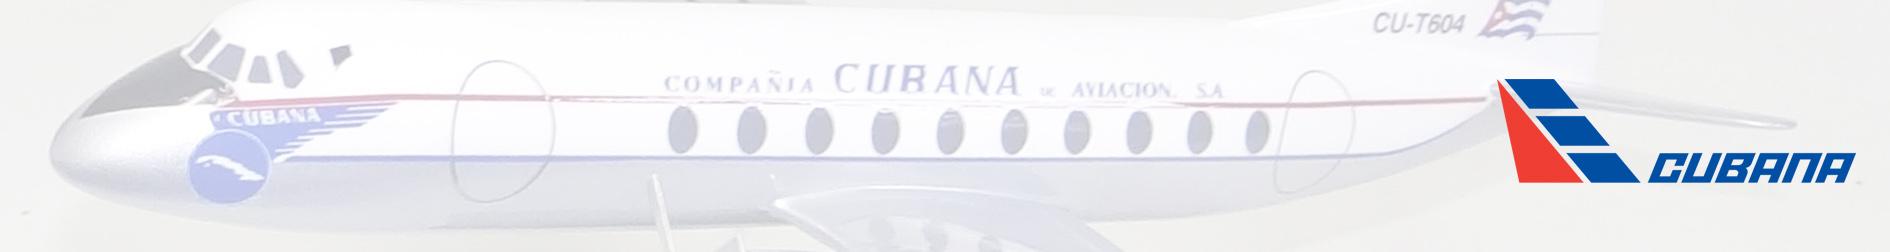 cubana-2.jpg